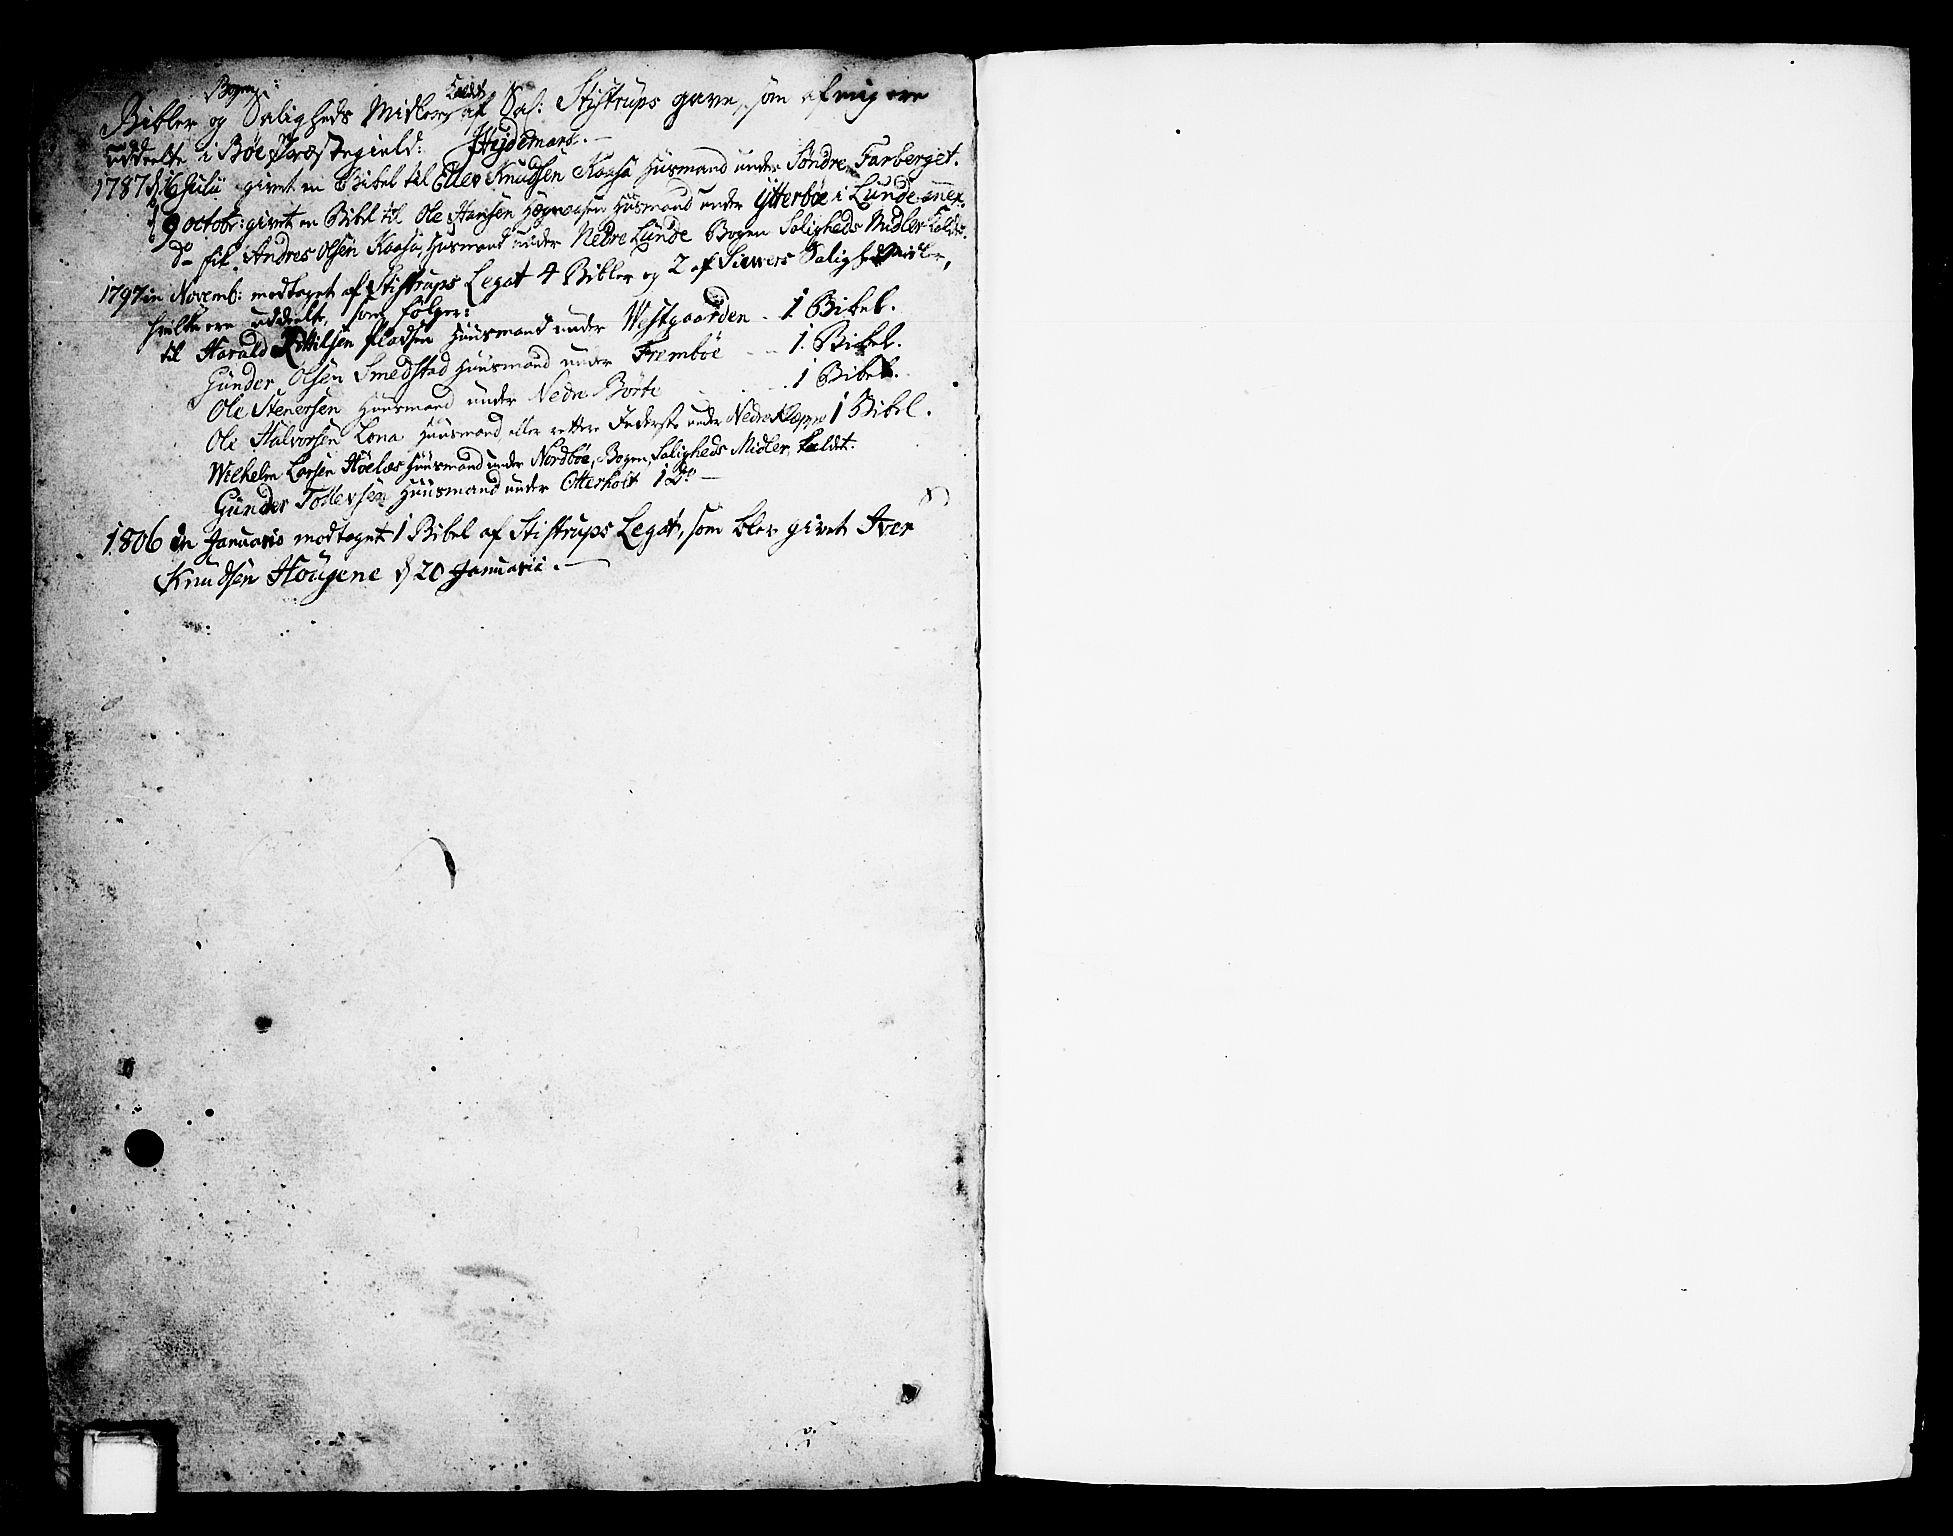 SAKO, Bø kirkebøker, F/Fa/L0005: Ministerialbok nr. 5, 1785-1815, s. 319-320